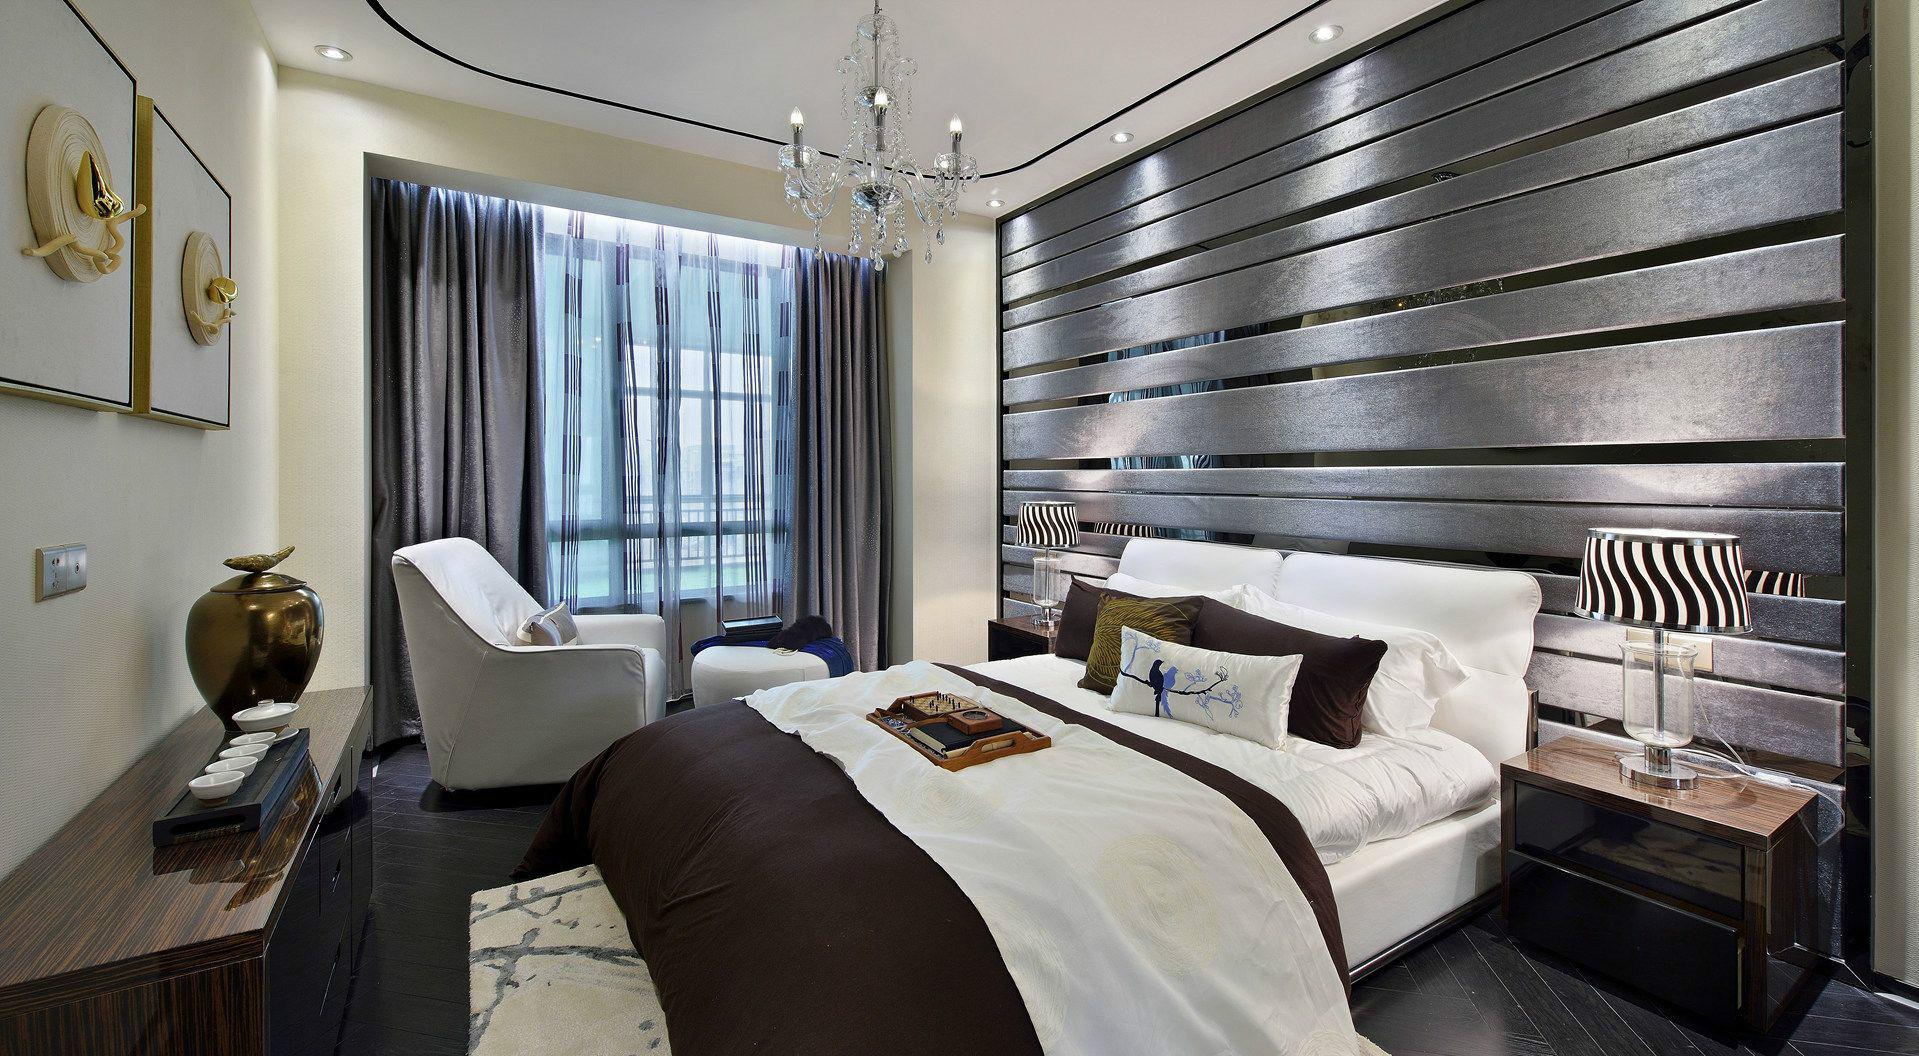 卧室床头背景以灰色屏风板装饰,搭配顶部的筒灯与主卫的玻璃与里侧的大理石质感,给人以优雅高档的质感;